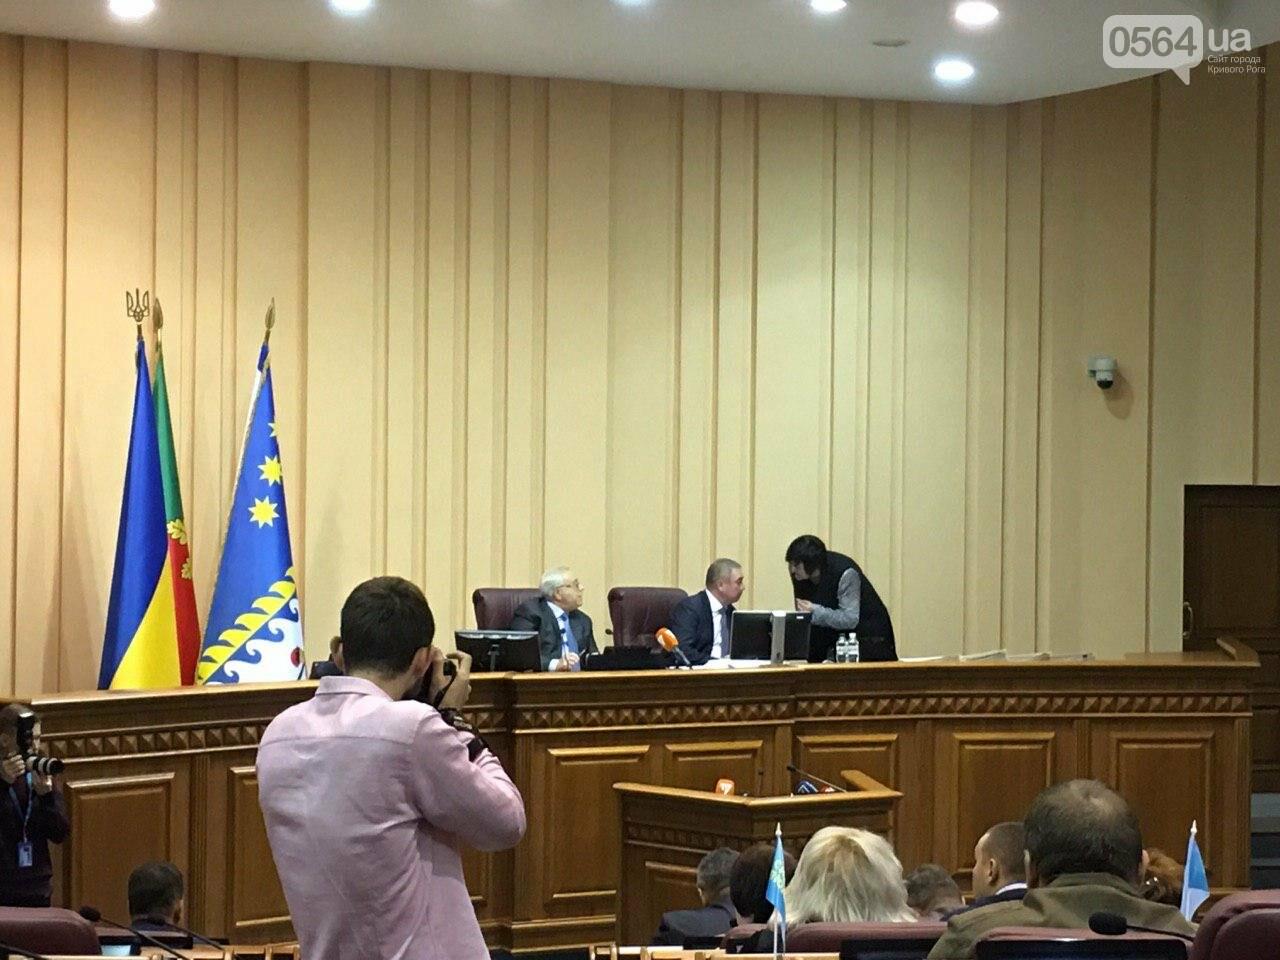 Криворожский городской совет не доверил экс-нардепу Павлову должность заместителя мэра, - ФОТО, фото-16